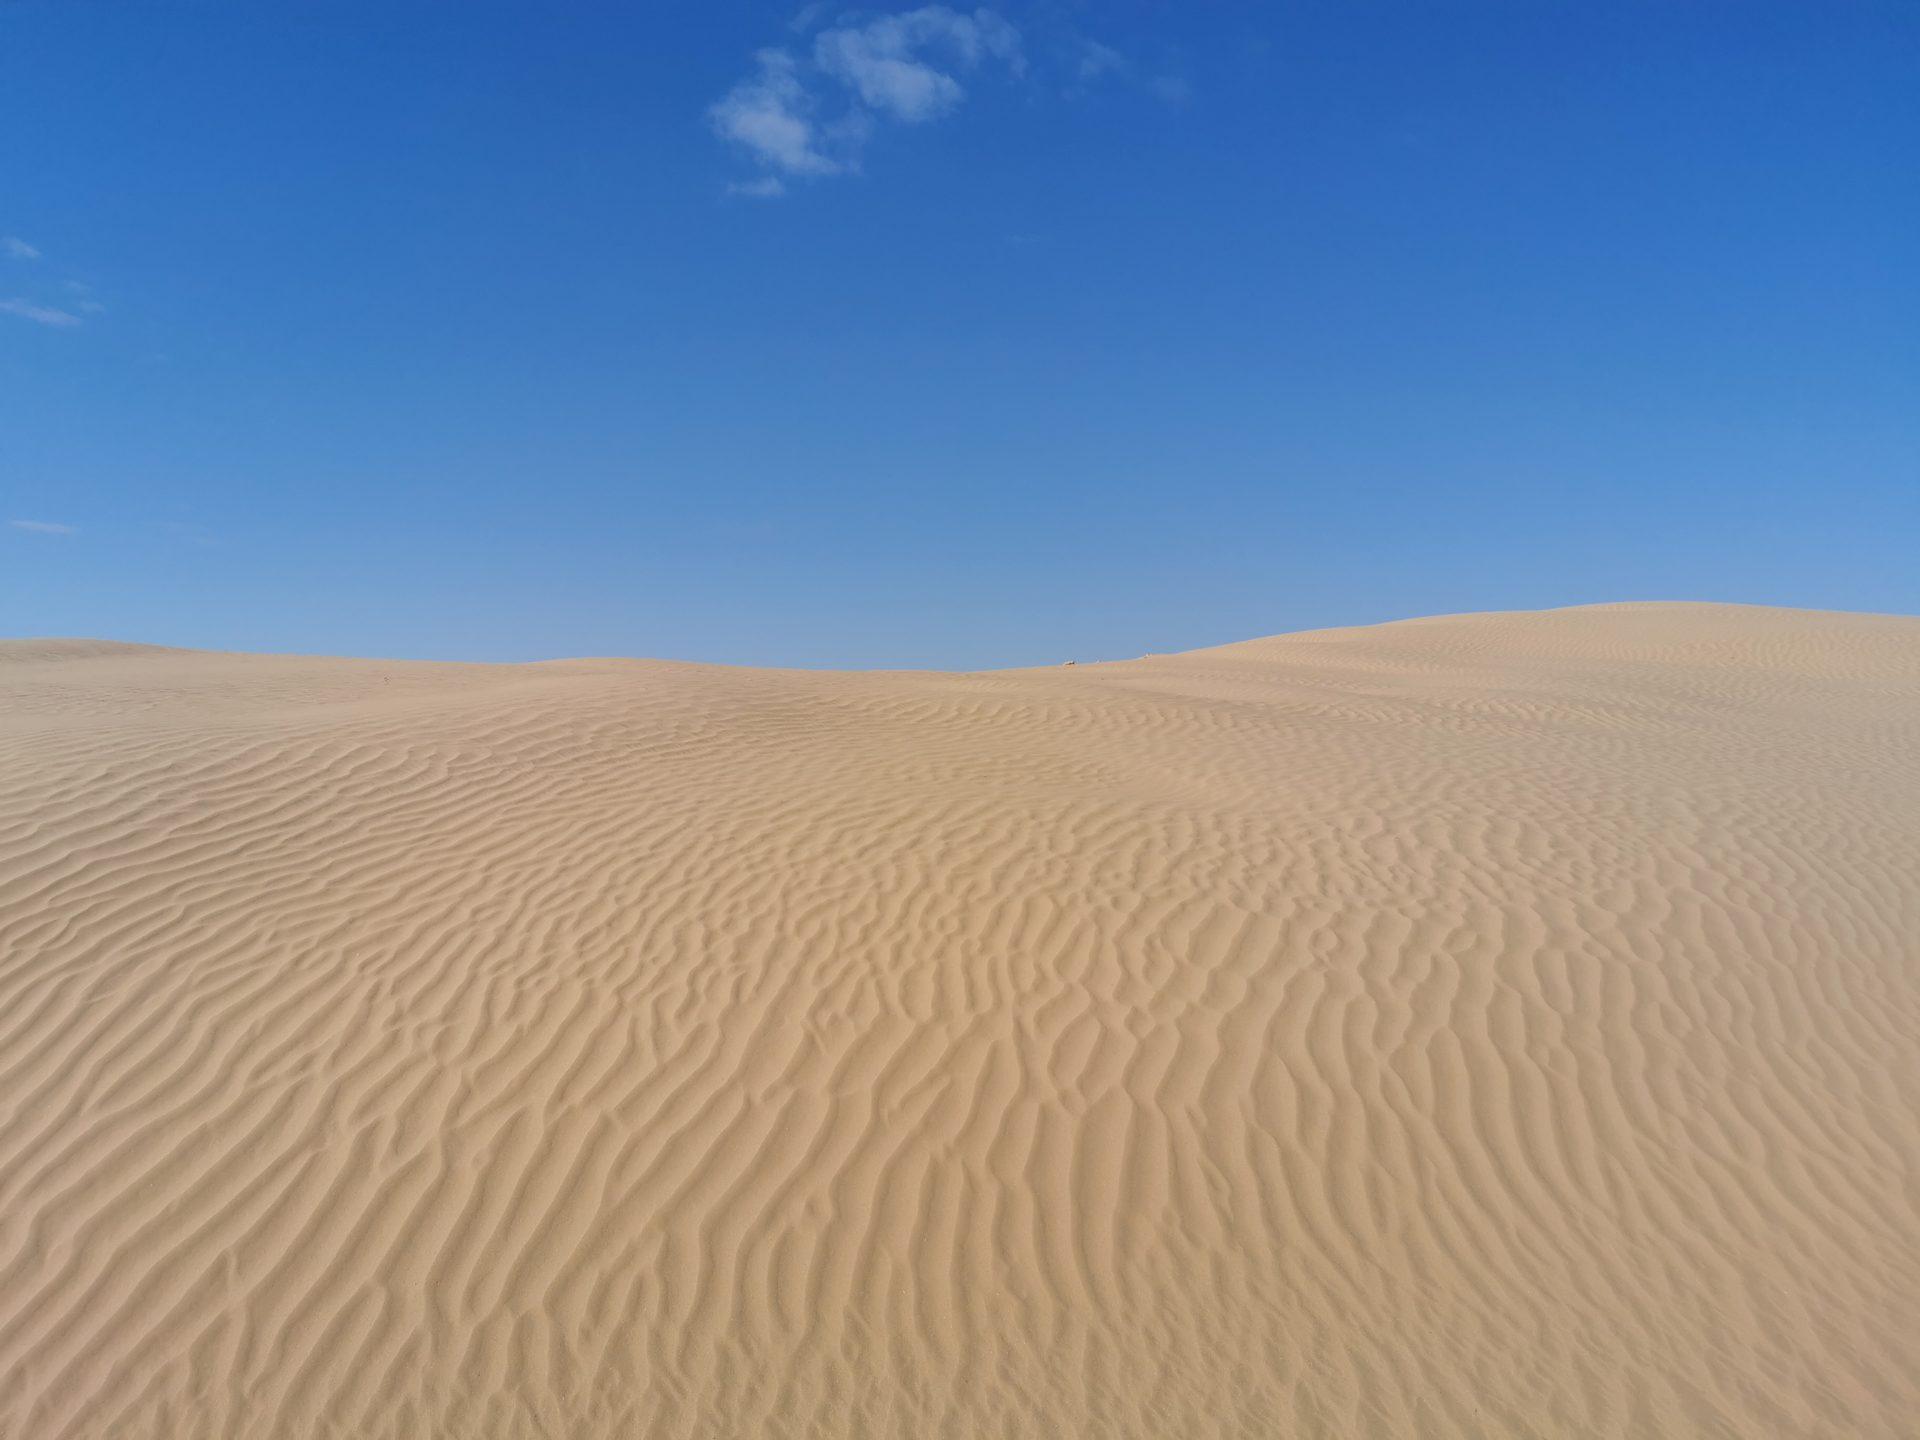 Опустынивание земель (материал из экспедиции)